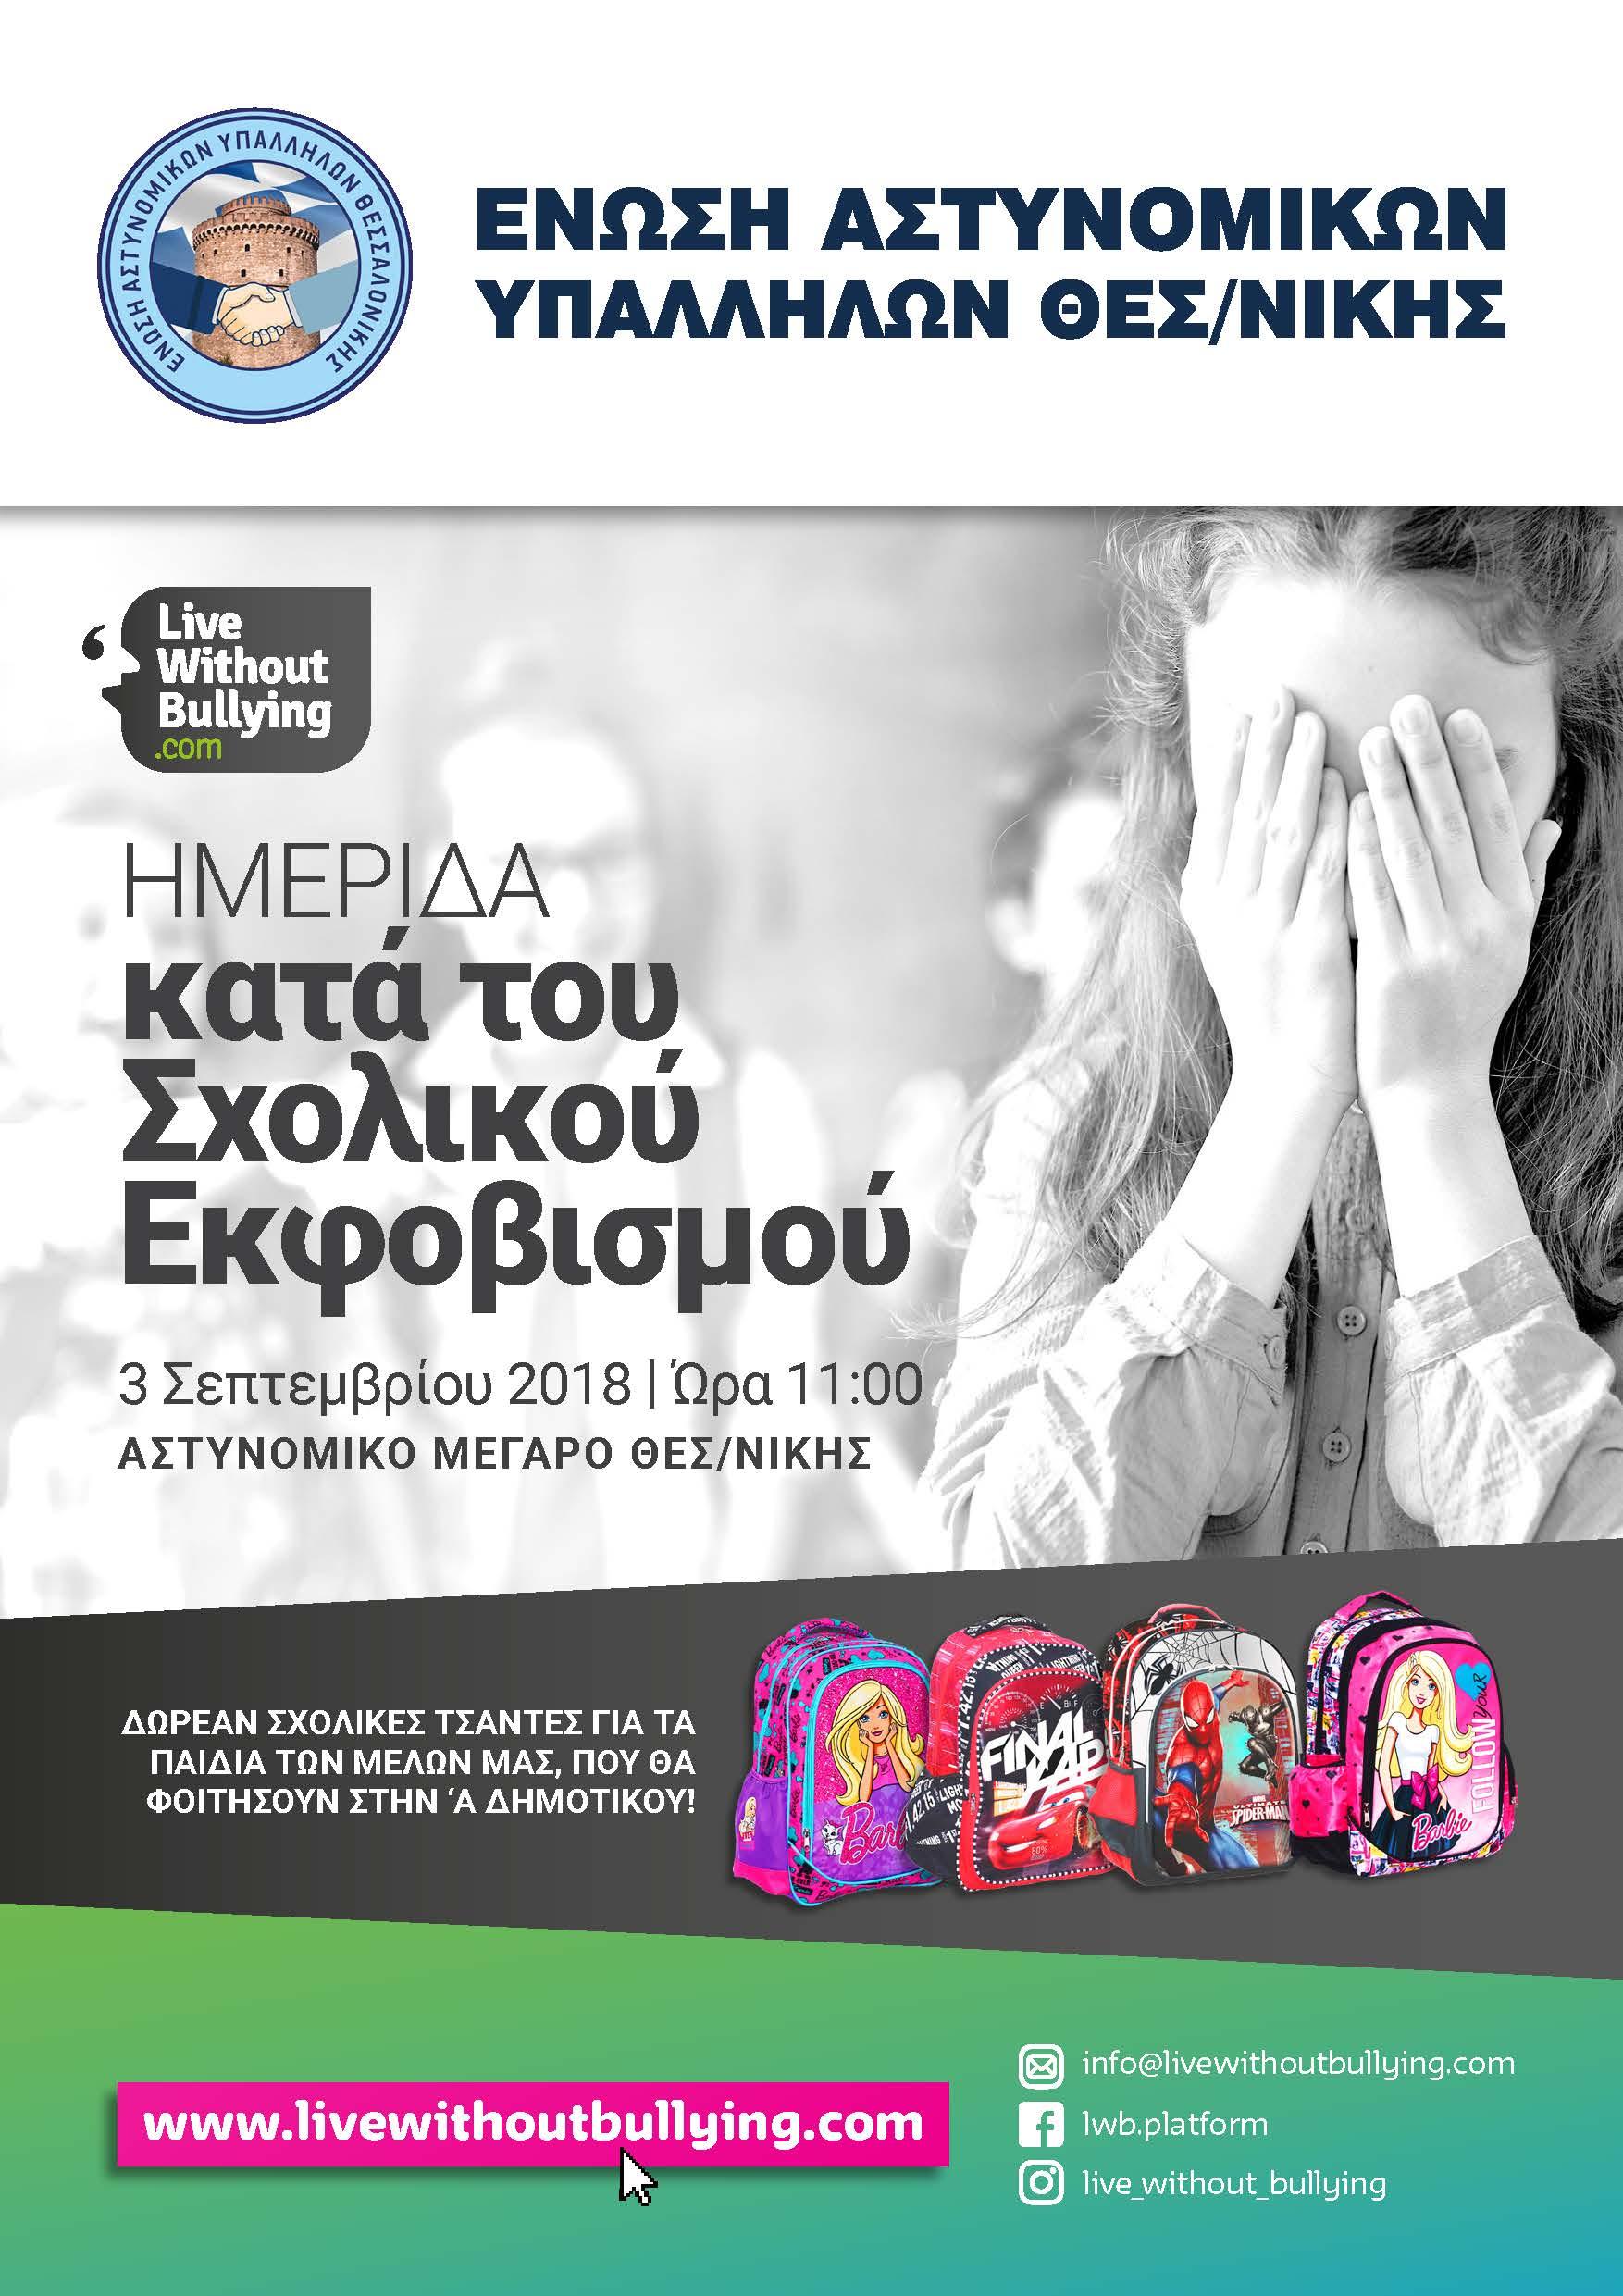 Ενημερωτική ημερίδα Live Without Bullying από την Ένωση Αστυνομικών Υπαλλήλων Θεσσαλονίκης